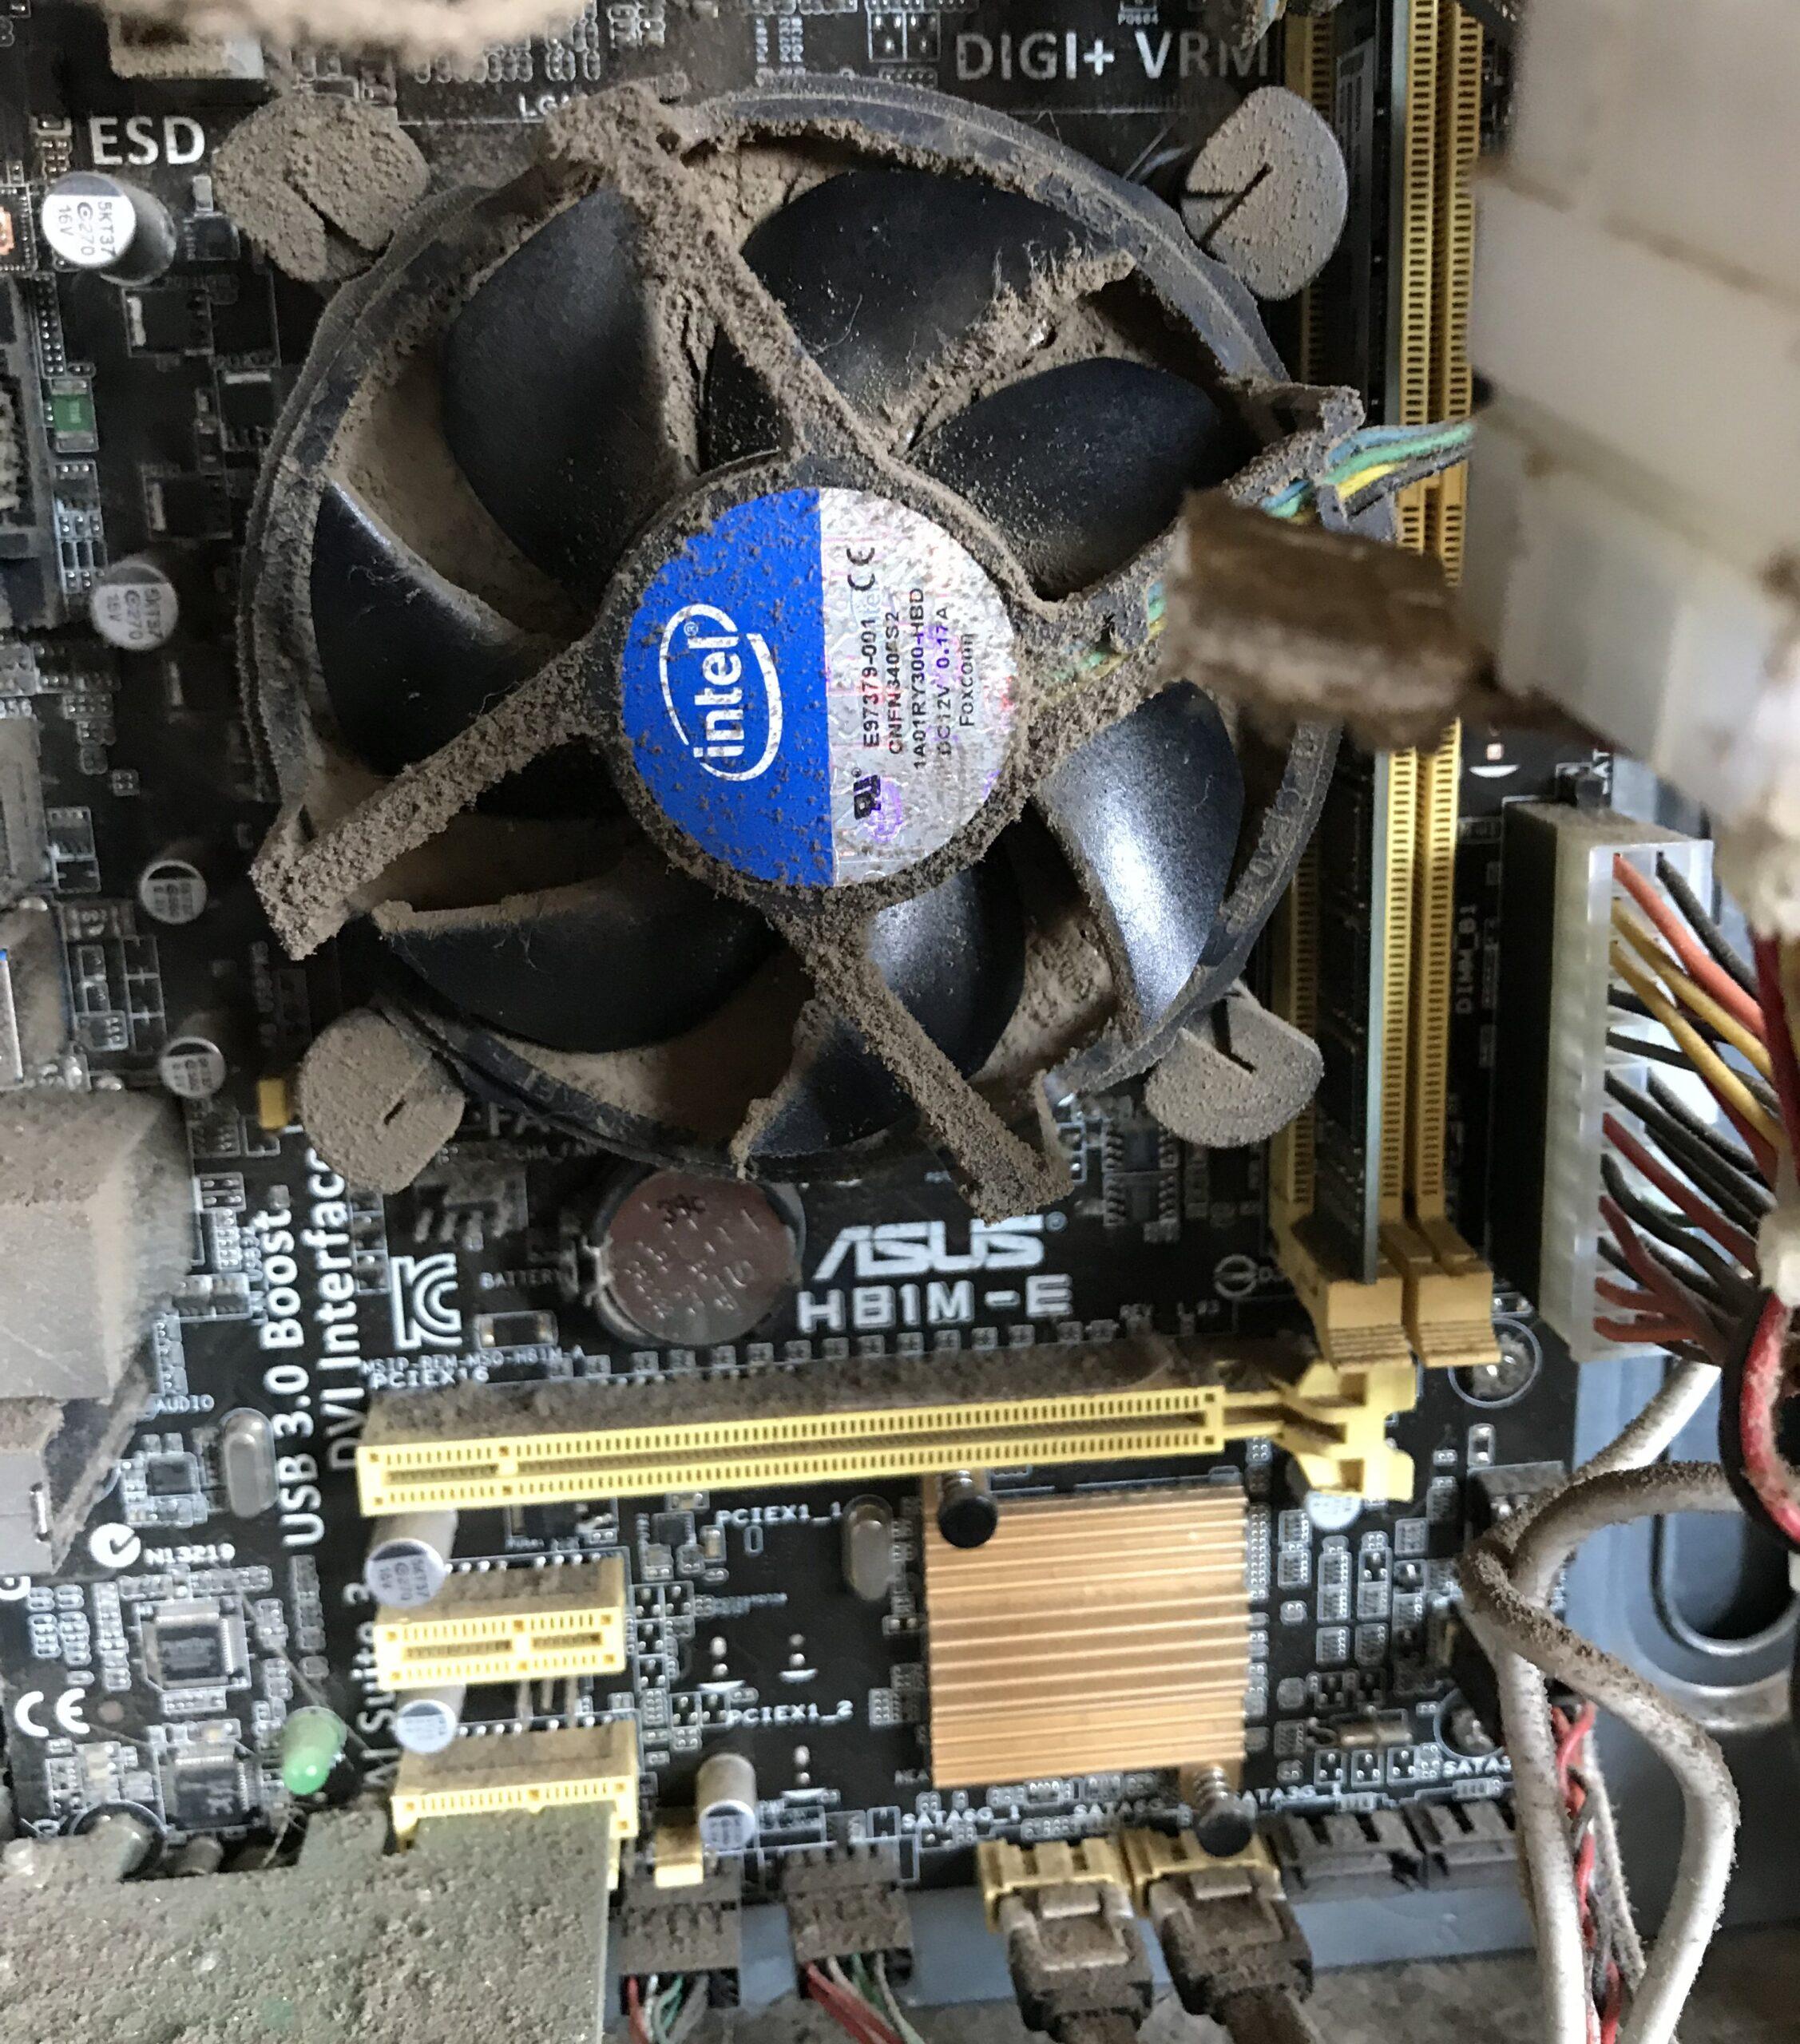 Dusty CPU fan